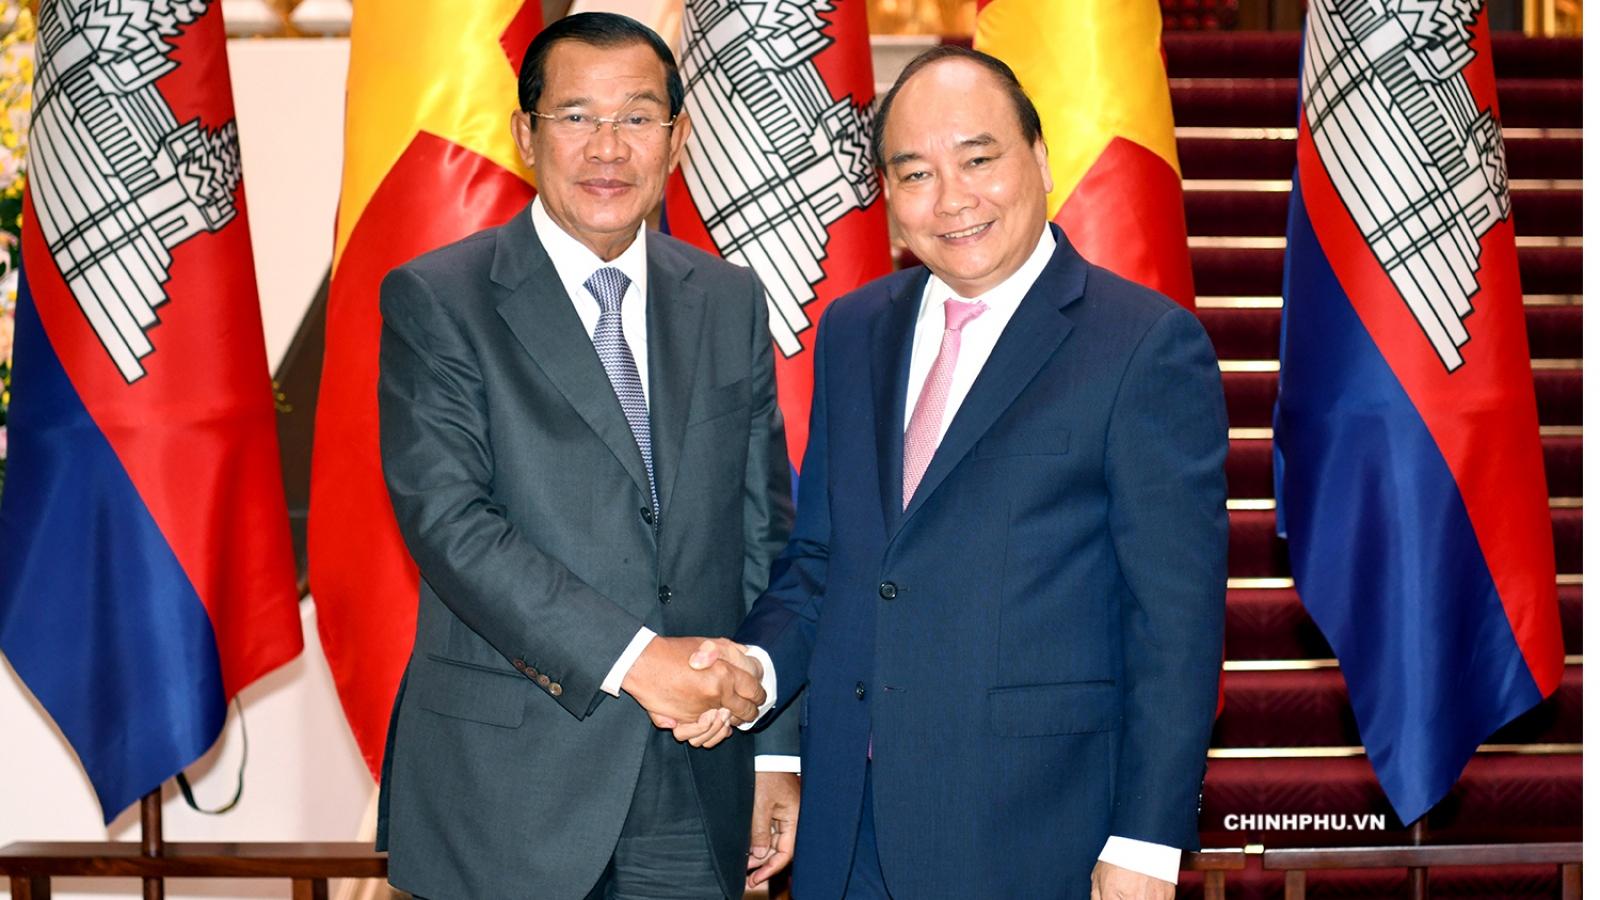 Thủ tướng Hun Sen cảm ơn Thủ tướng Nguyễn Xuân Phúc giúp Campuchia phòng chống Covid-19